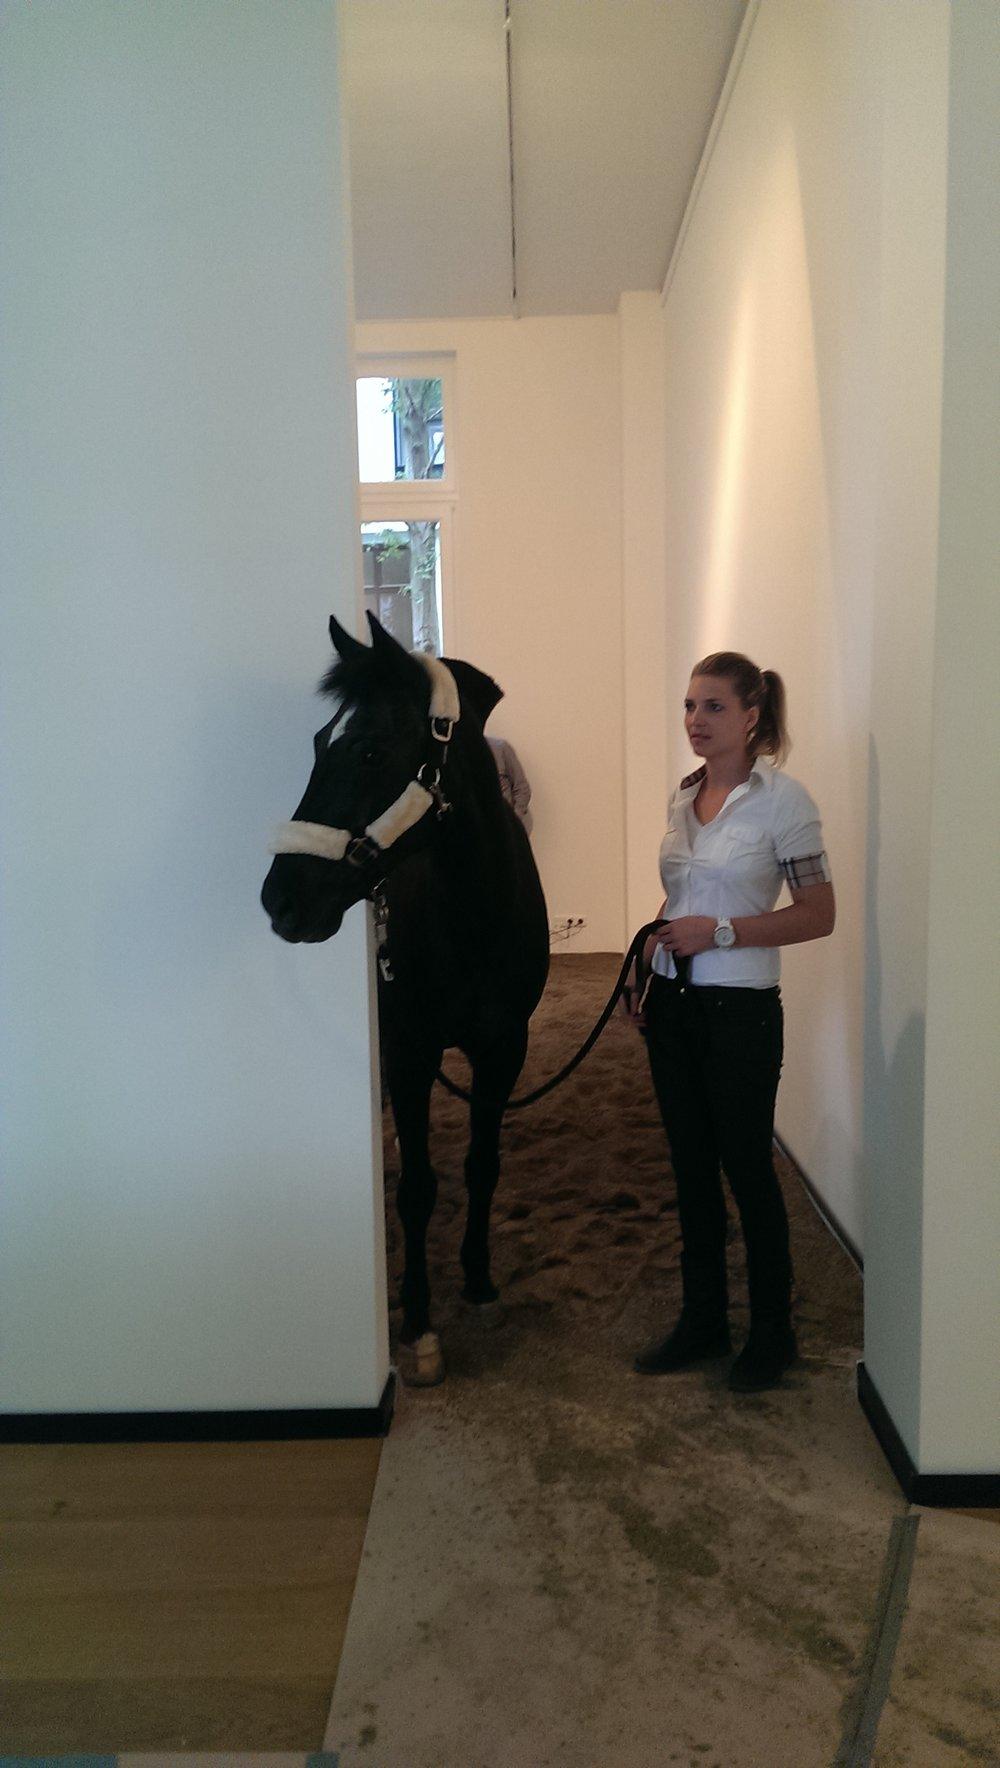 MC Krell - Oscar Santillan - Horse Morse, 2014 (c) Foto MC Krell (2).jpg